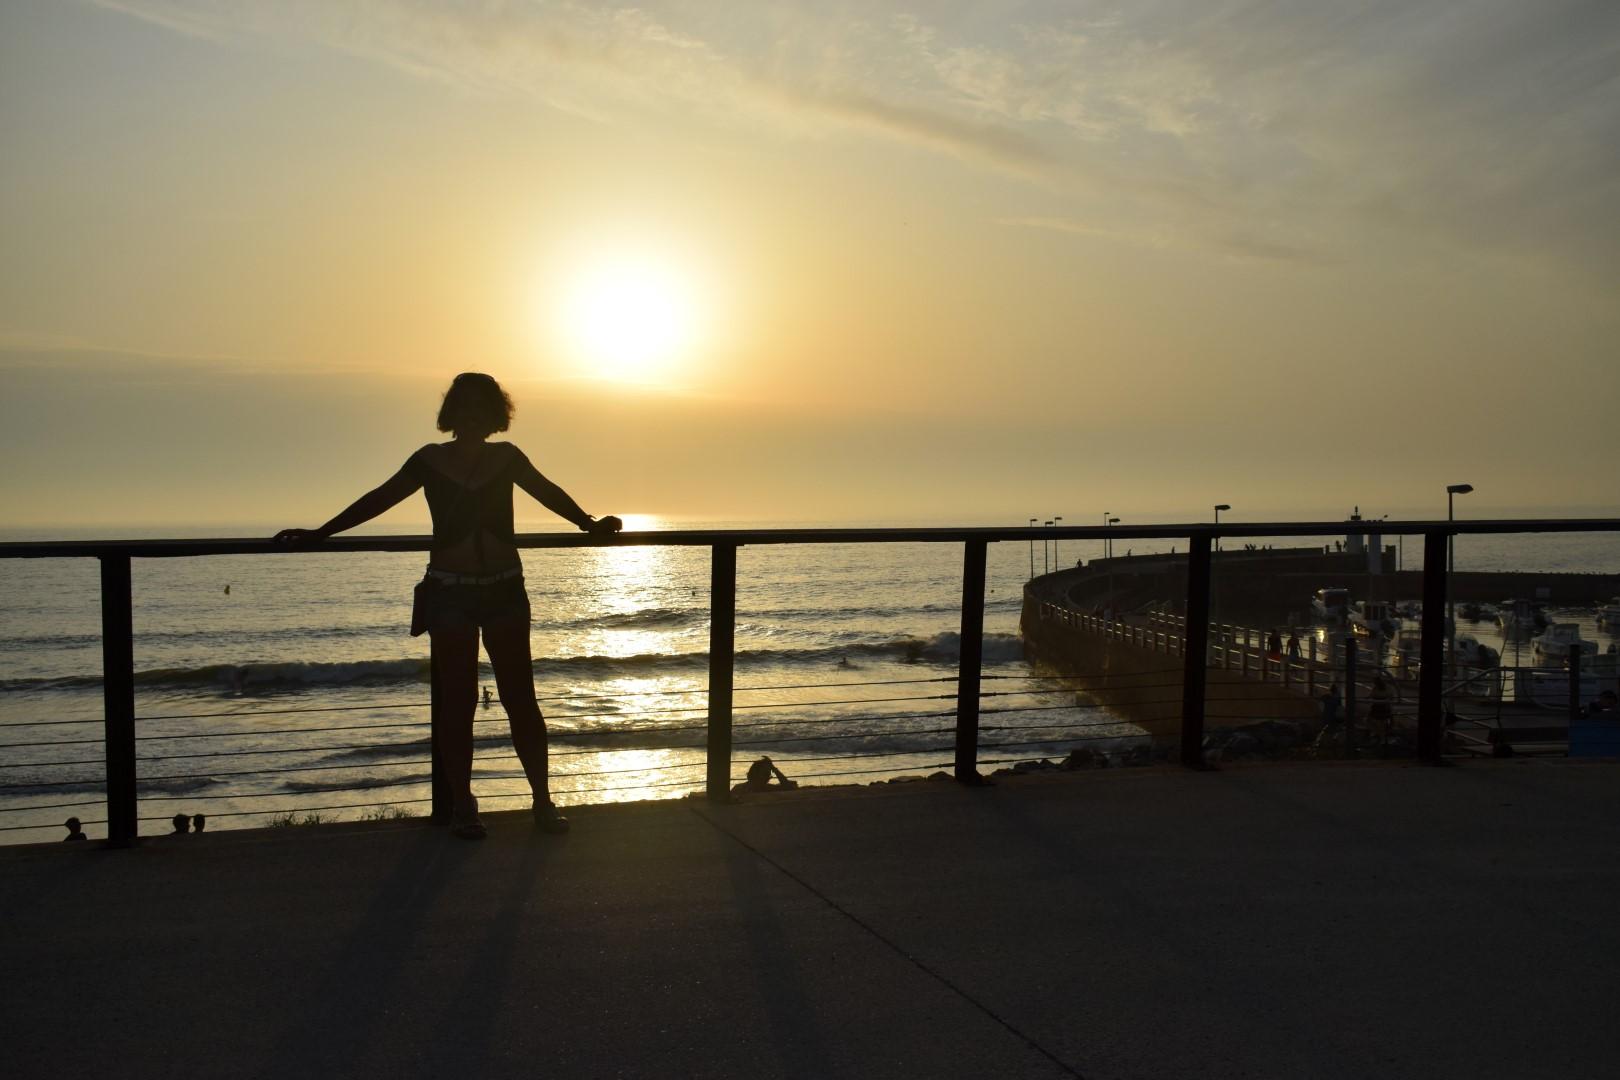 Sunset on Saint-Michel's beach